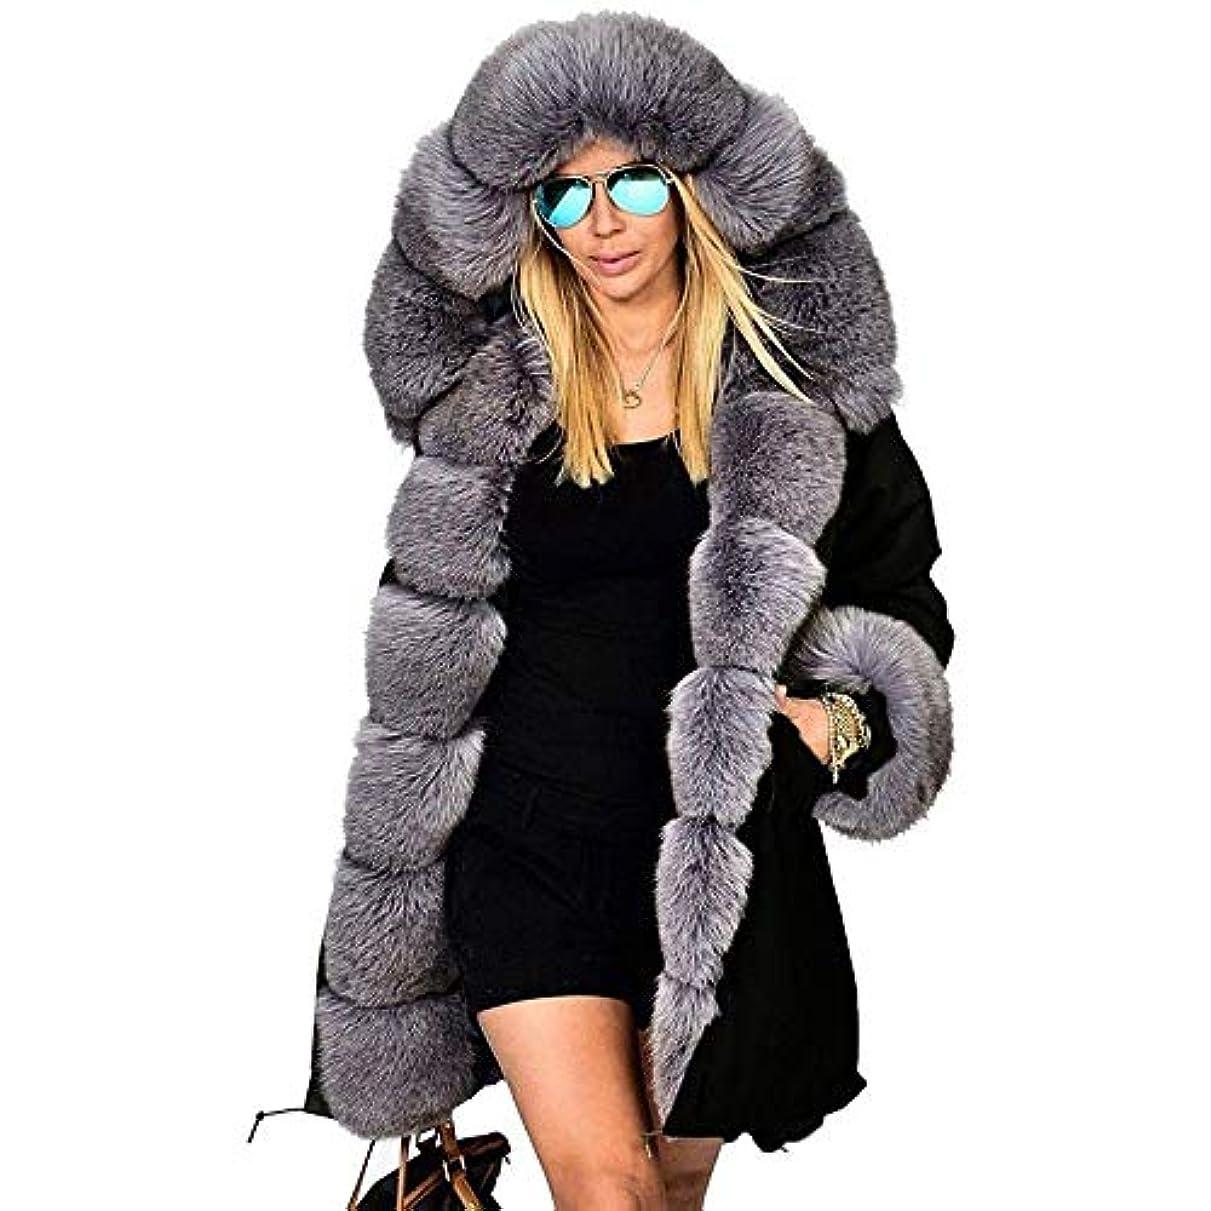 純度ディプロマハングファッションウィメンズジャケット女性ウォームコートフェイクファーコットンオーバーコート女性ロングフードコートパーカー,XXL